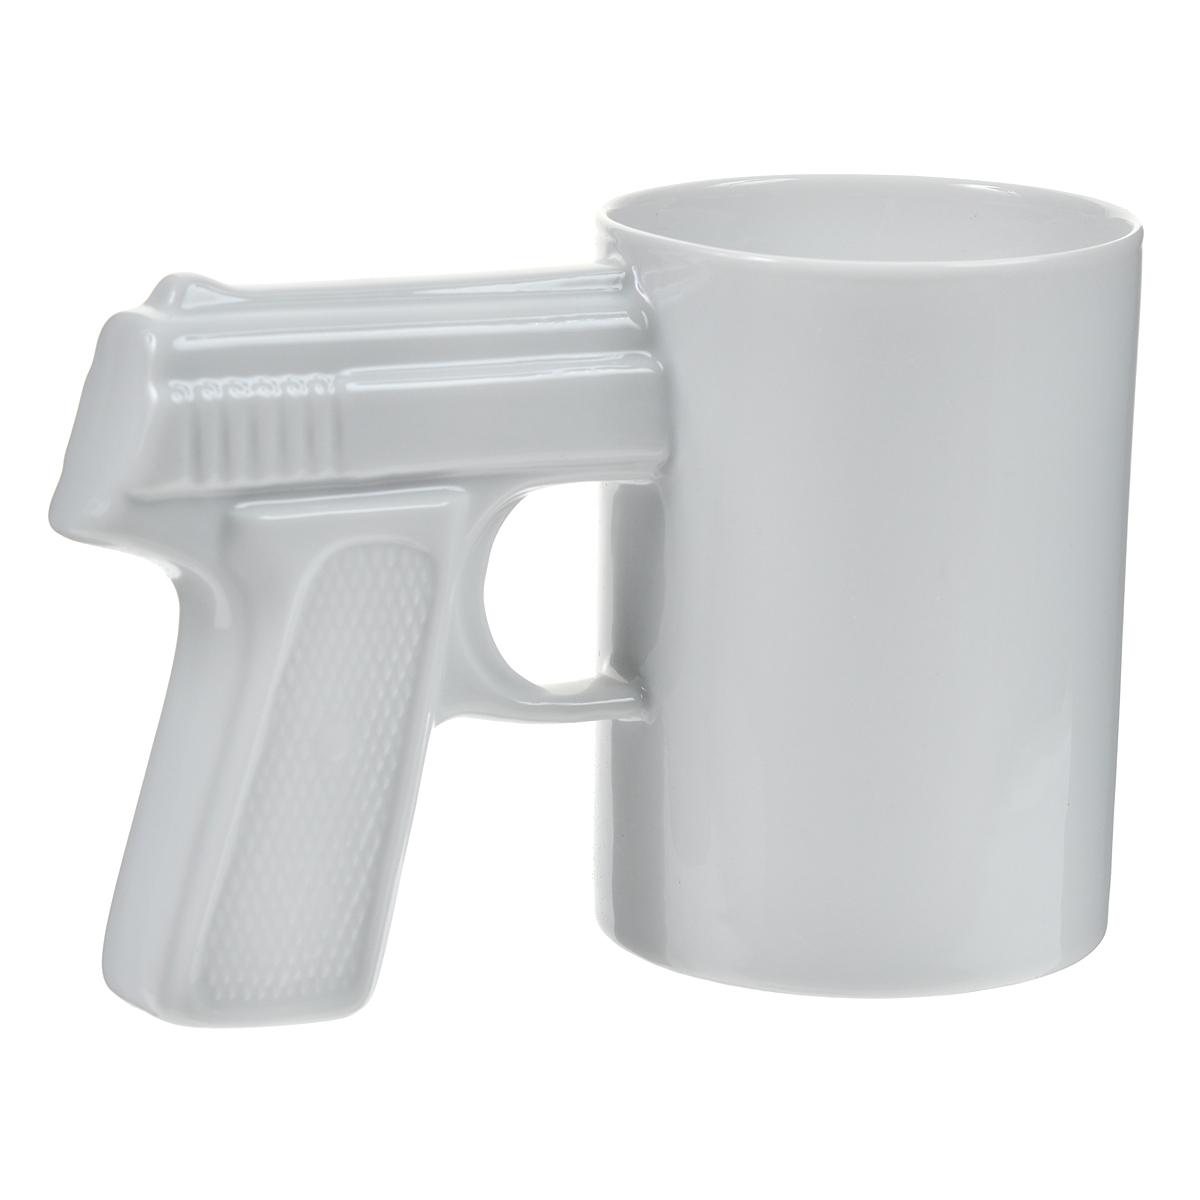 """Оригинальная кружка """"Пистолет"""" выполнена из керамики. Ручка кружки выполнена в виде рукоятки пистолета. Такая кружка станет не только приятным, но и практичным сувениром, а оригинальный дизайн вызовет улыбку. Характеристики:  Материал:  керамика. Высота кружки:  10,2 см. Диаметр по верхнему краю: 7,5 см. Размер упаковки:  12,5 см х 9 см х 15,3 см. Артикул: 003429."""